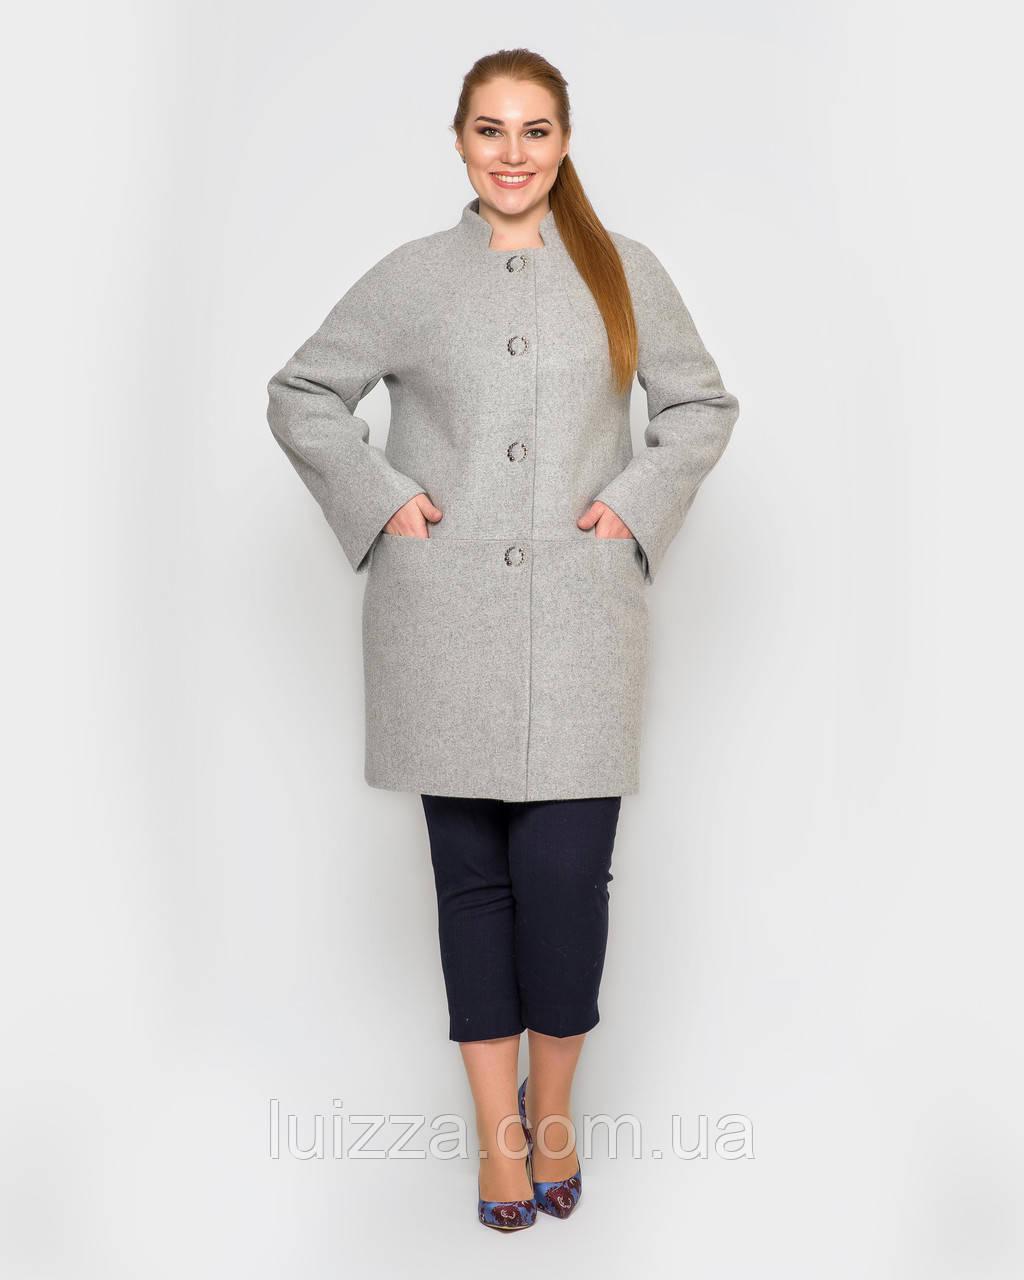 Женское полупальто с рукавом реглан, 48 - 58р серый